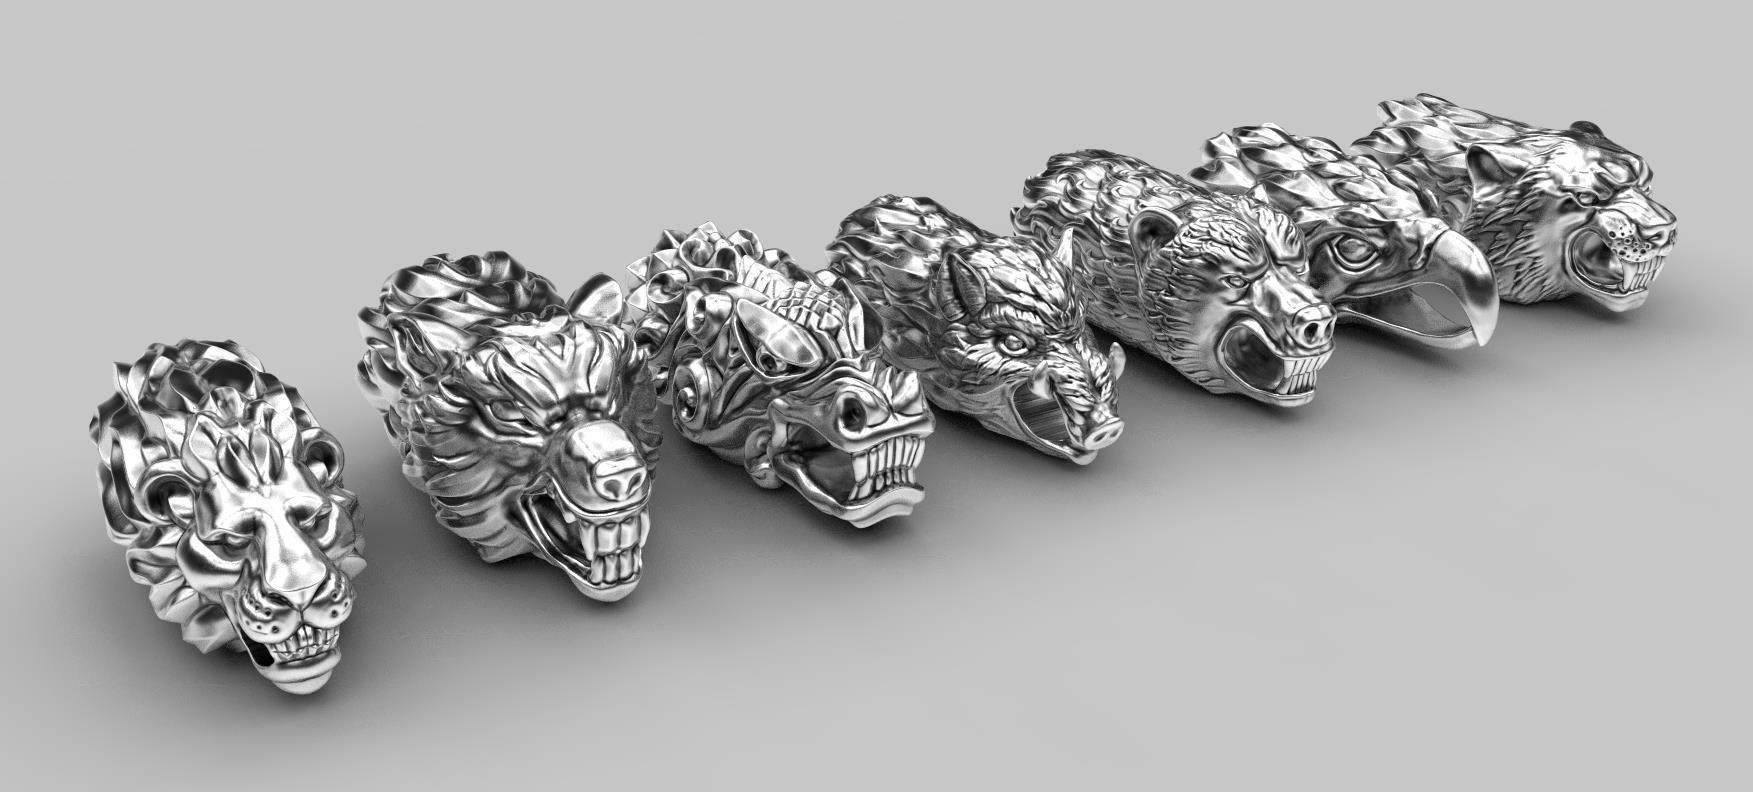 End pieces for bracelets 2